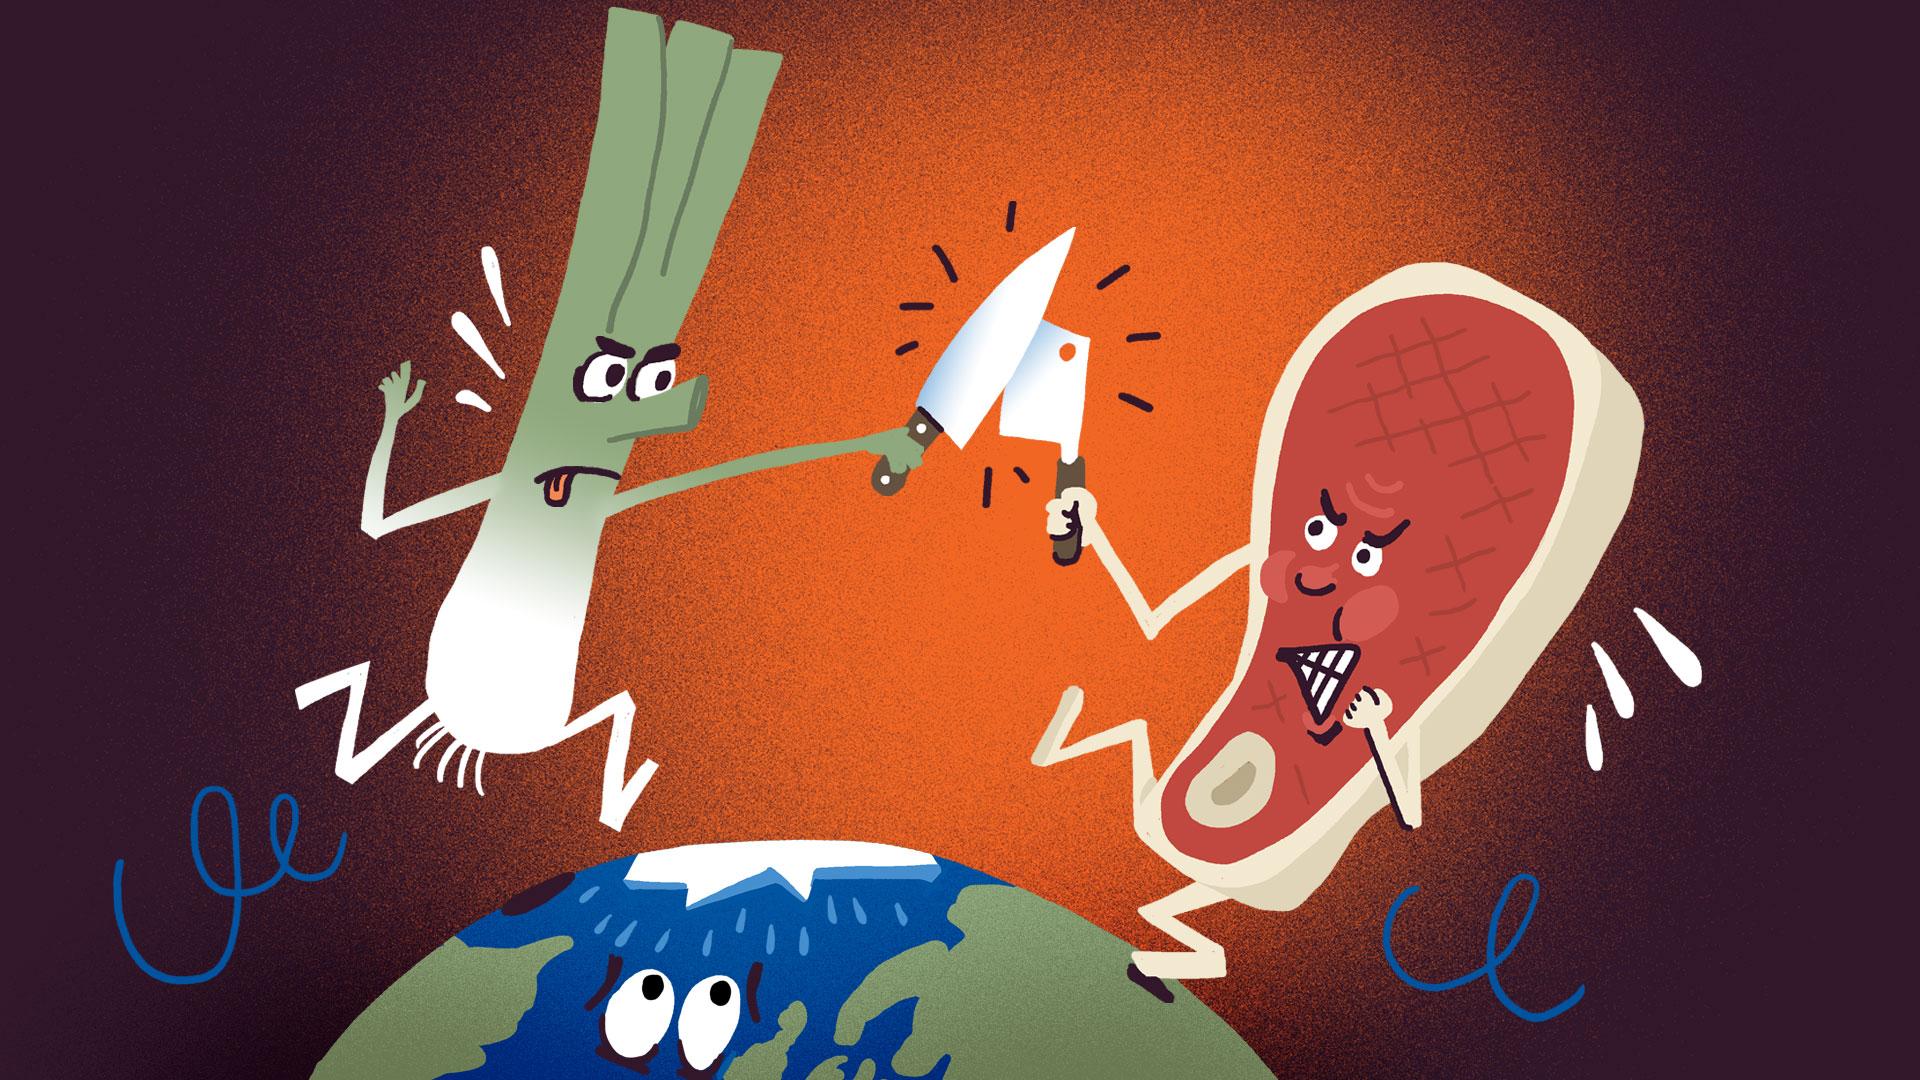 Kødkrigen